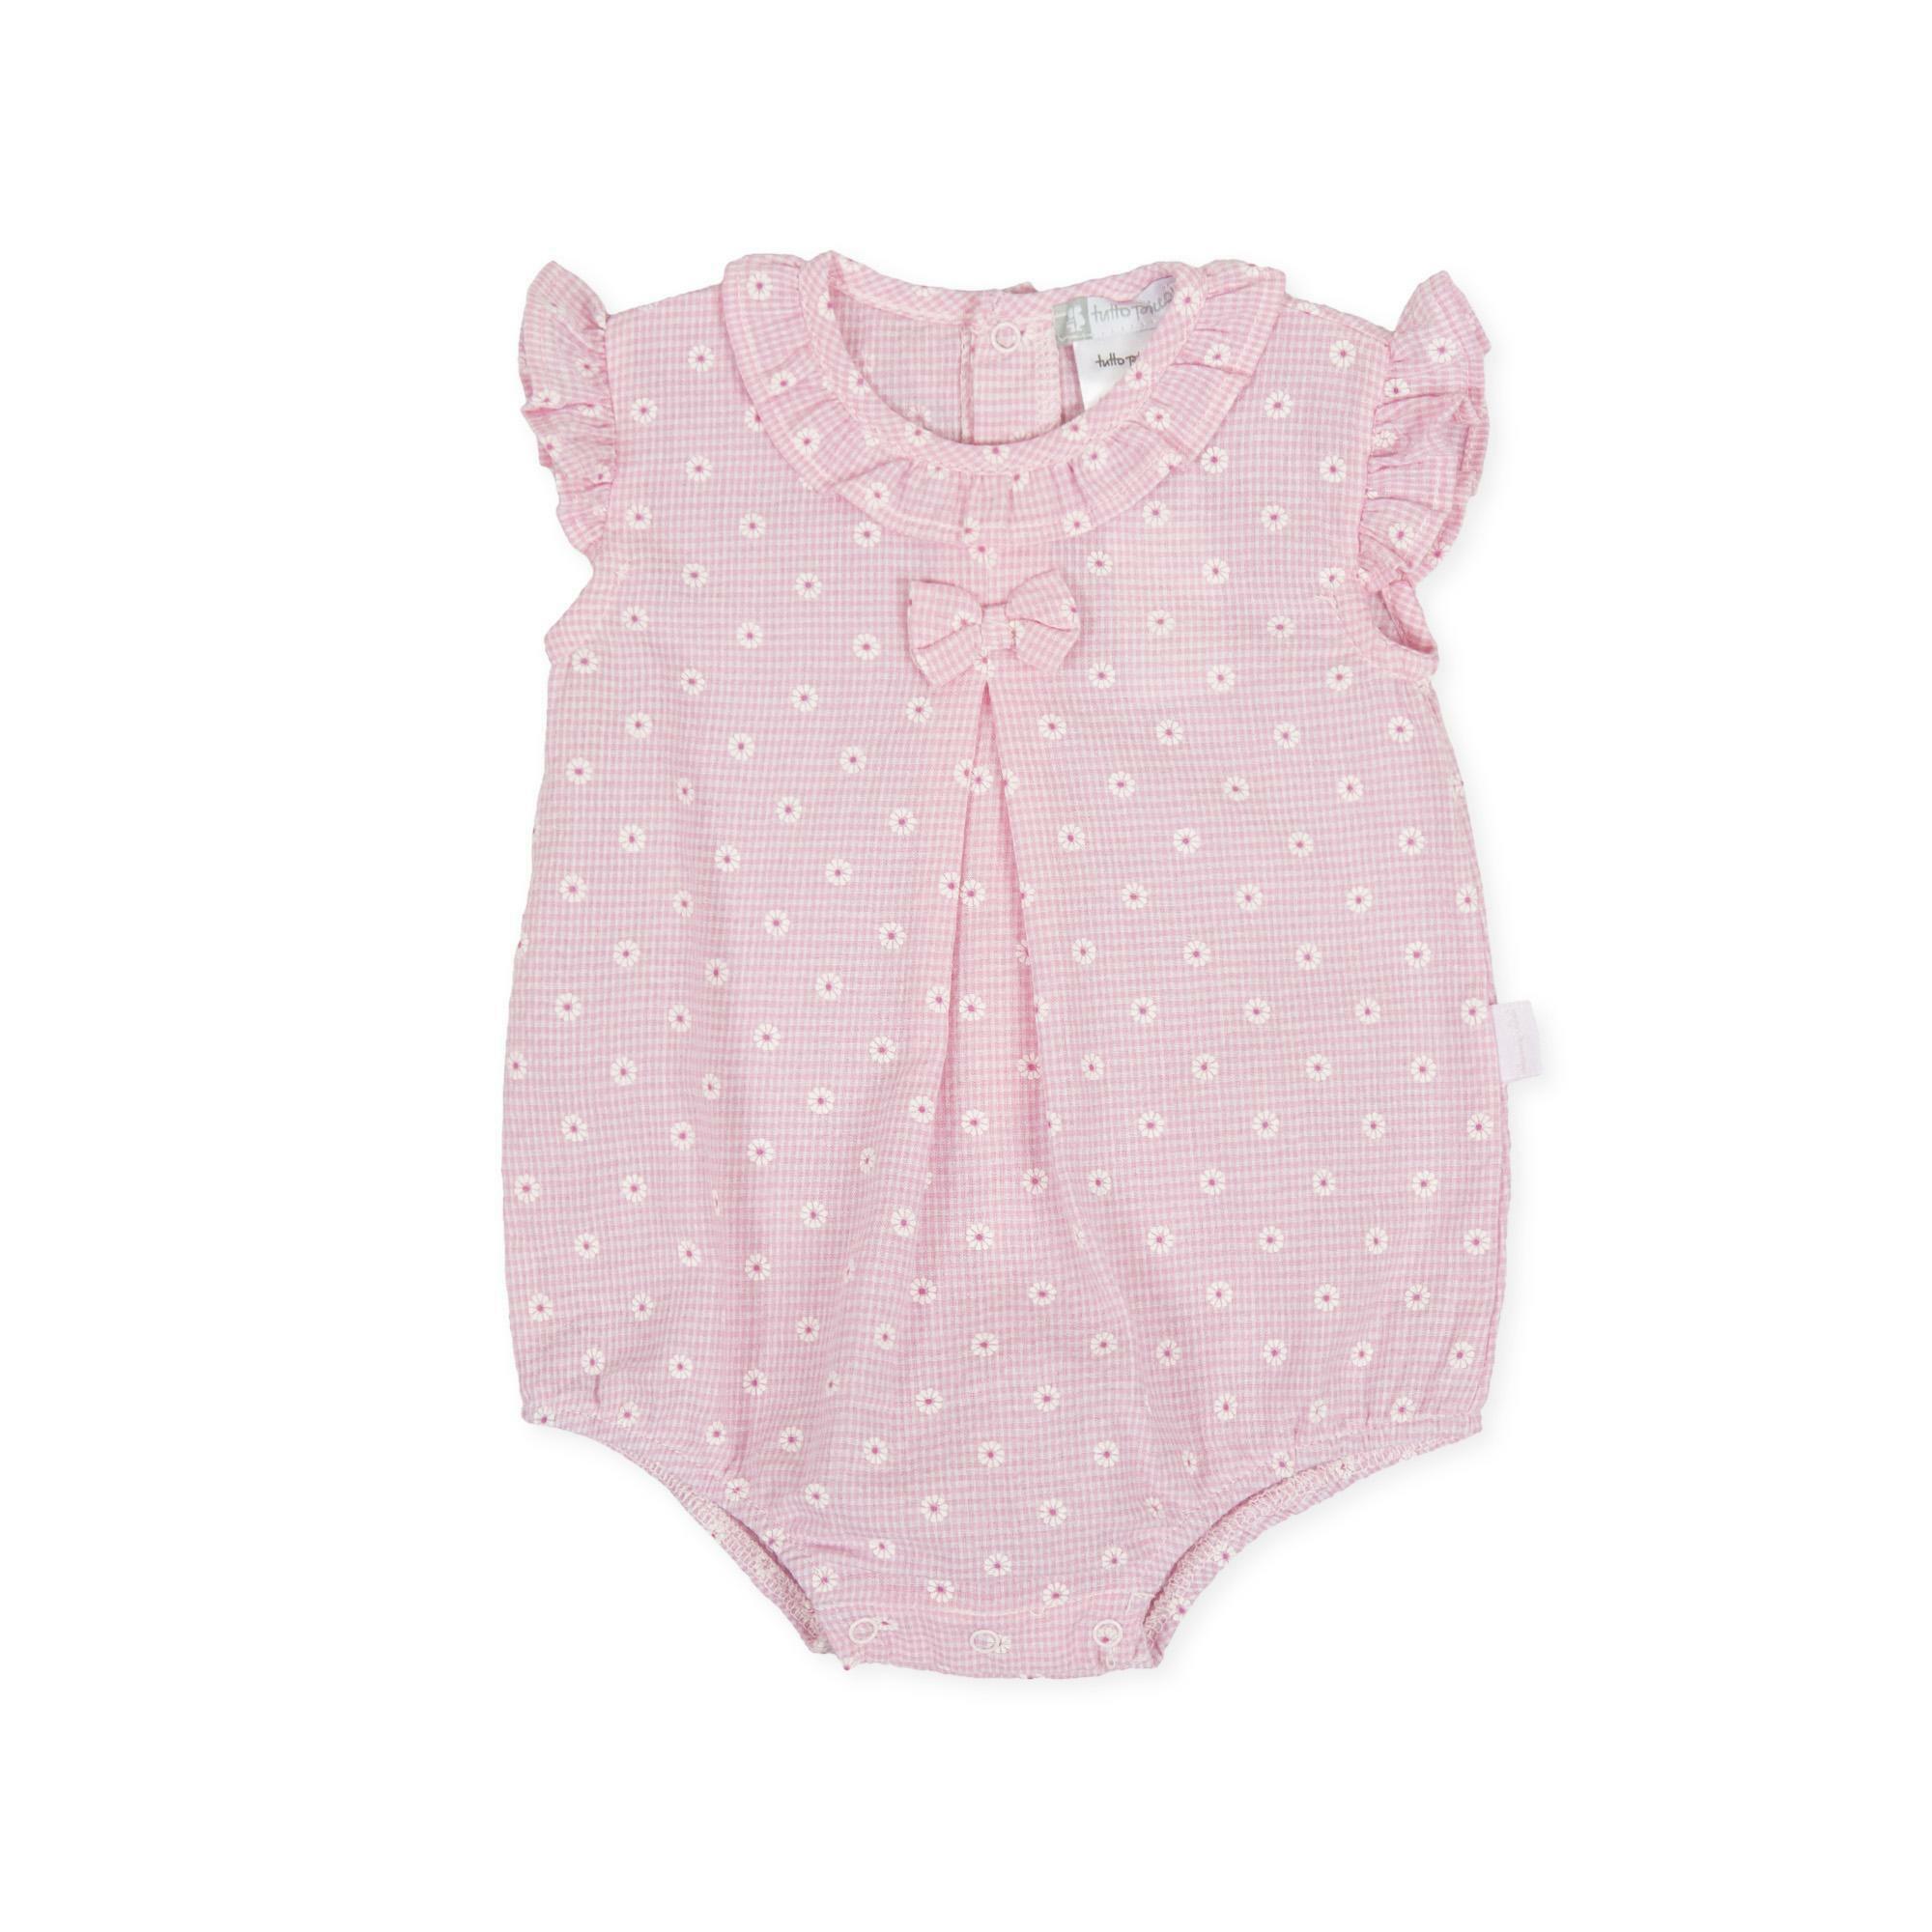 tutto piccolo tutto piccolo pagliacetto neonato rosa 8384s20